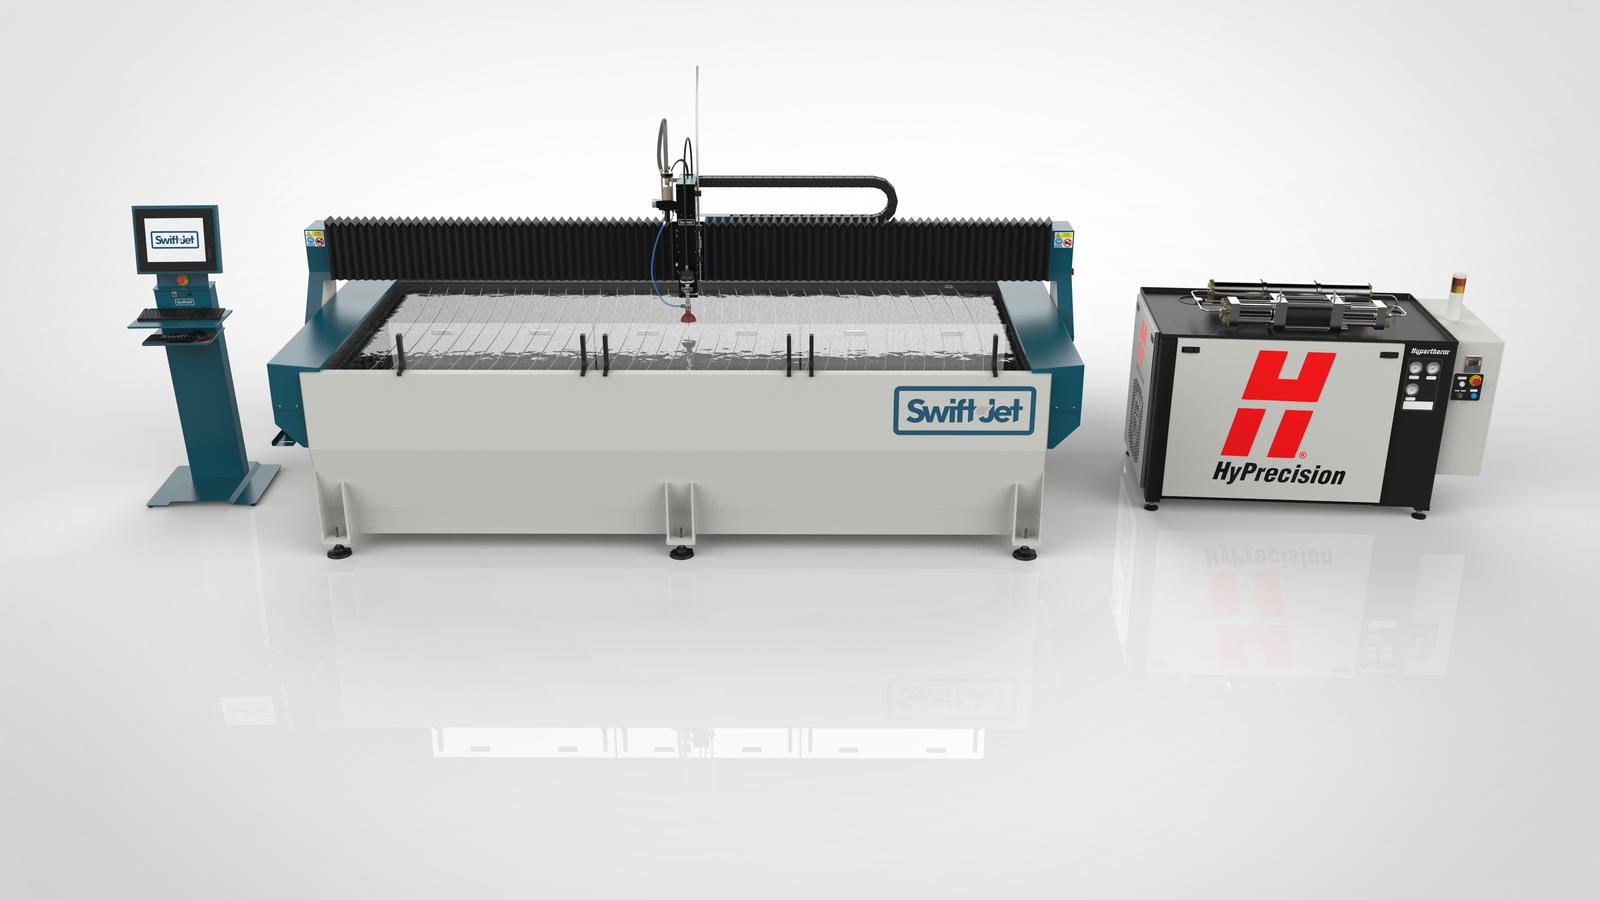 Máquina de jacto de água SwiftJet